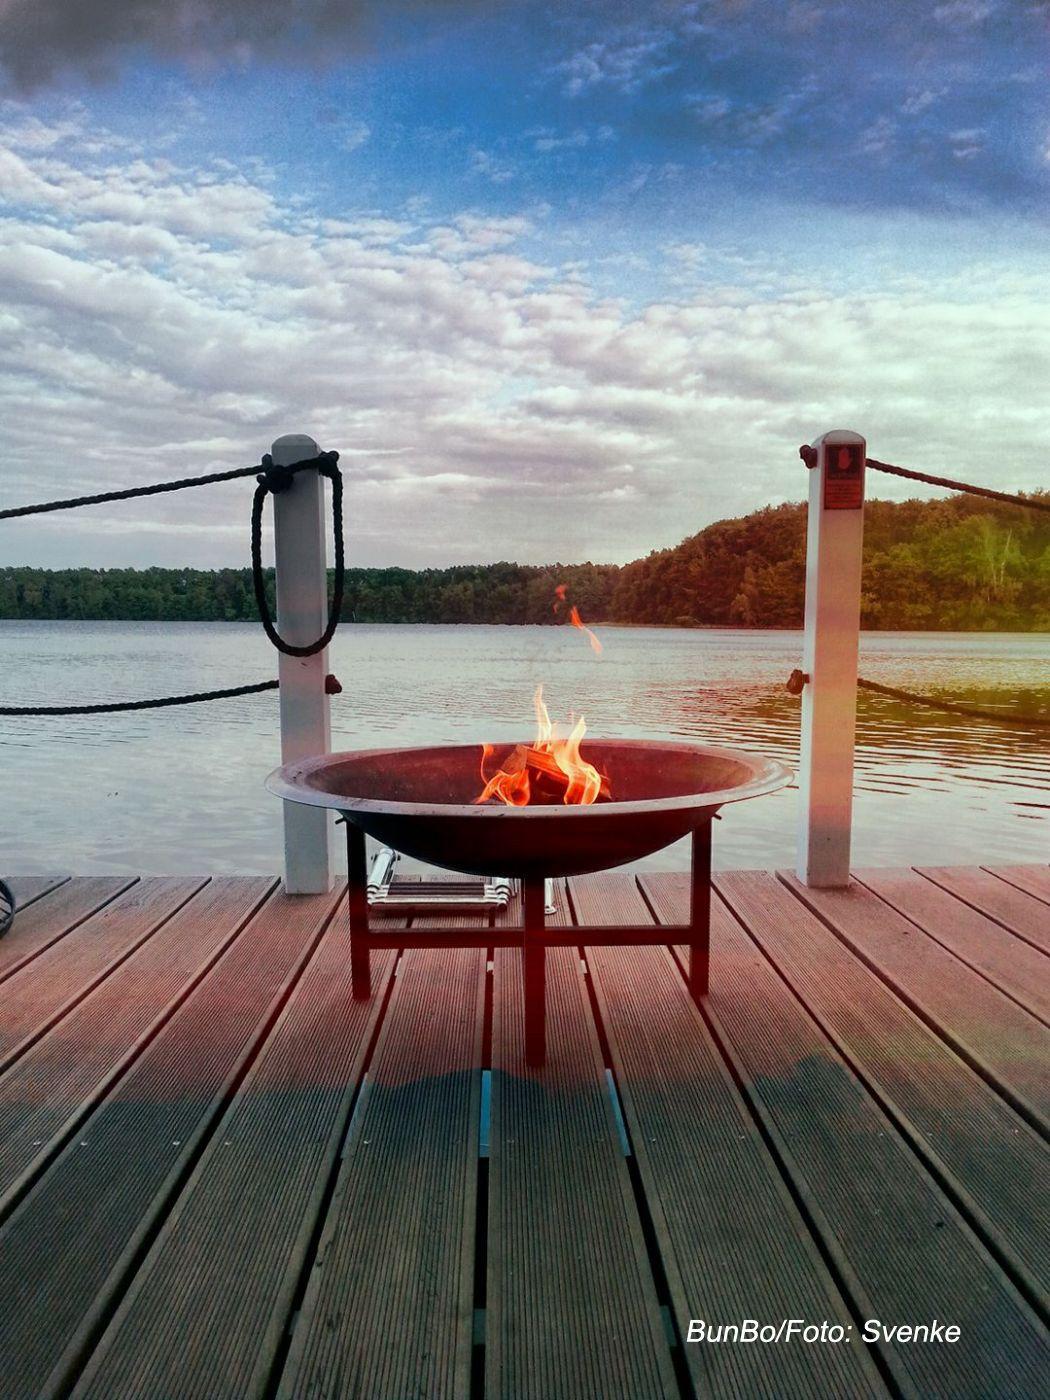 Feuerschale #bunboland #BunBo #Haubsoot #Bungalowboot